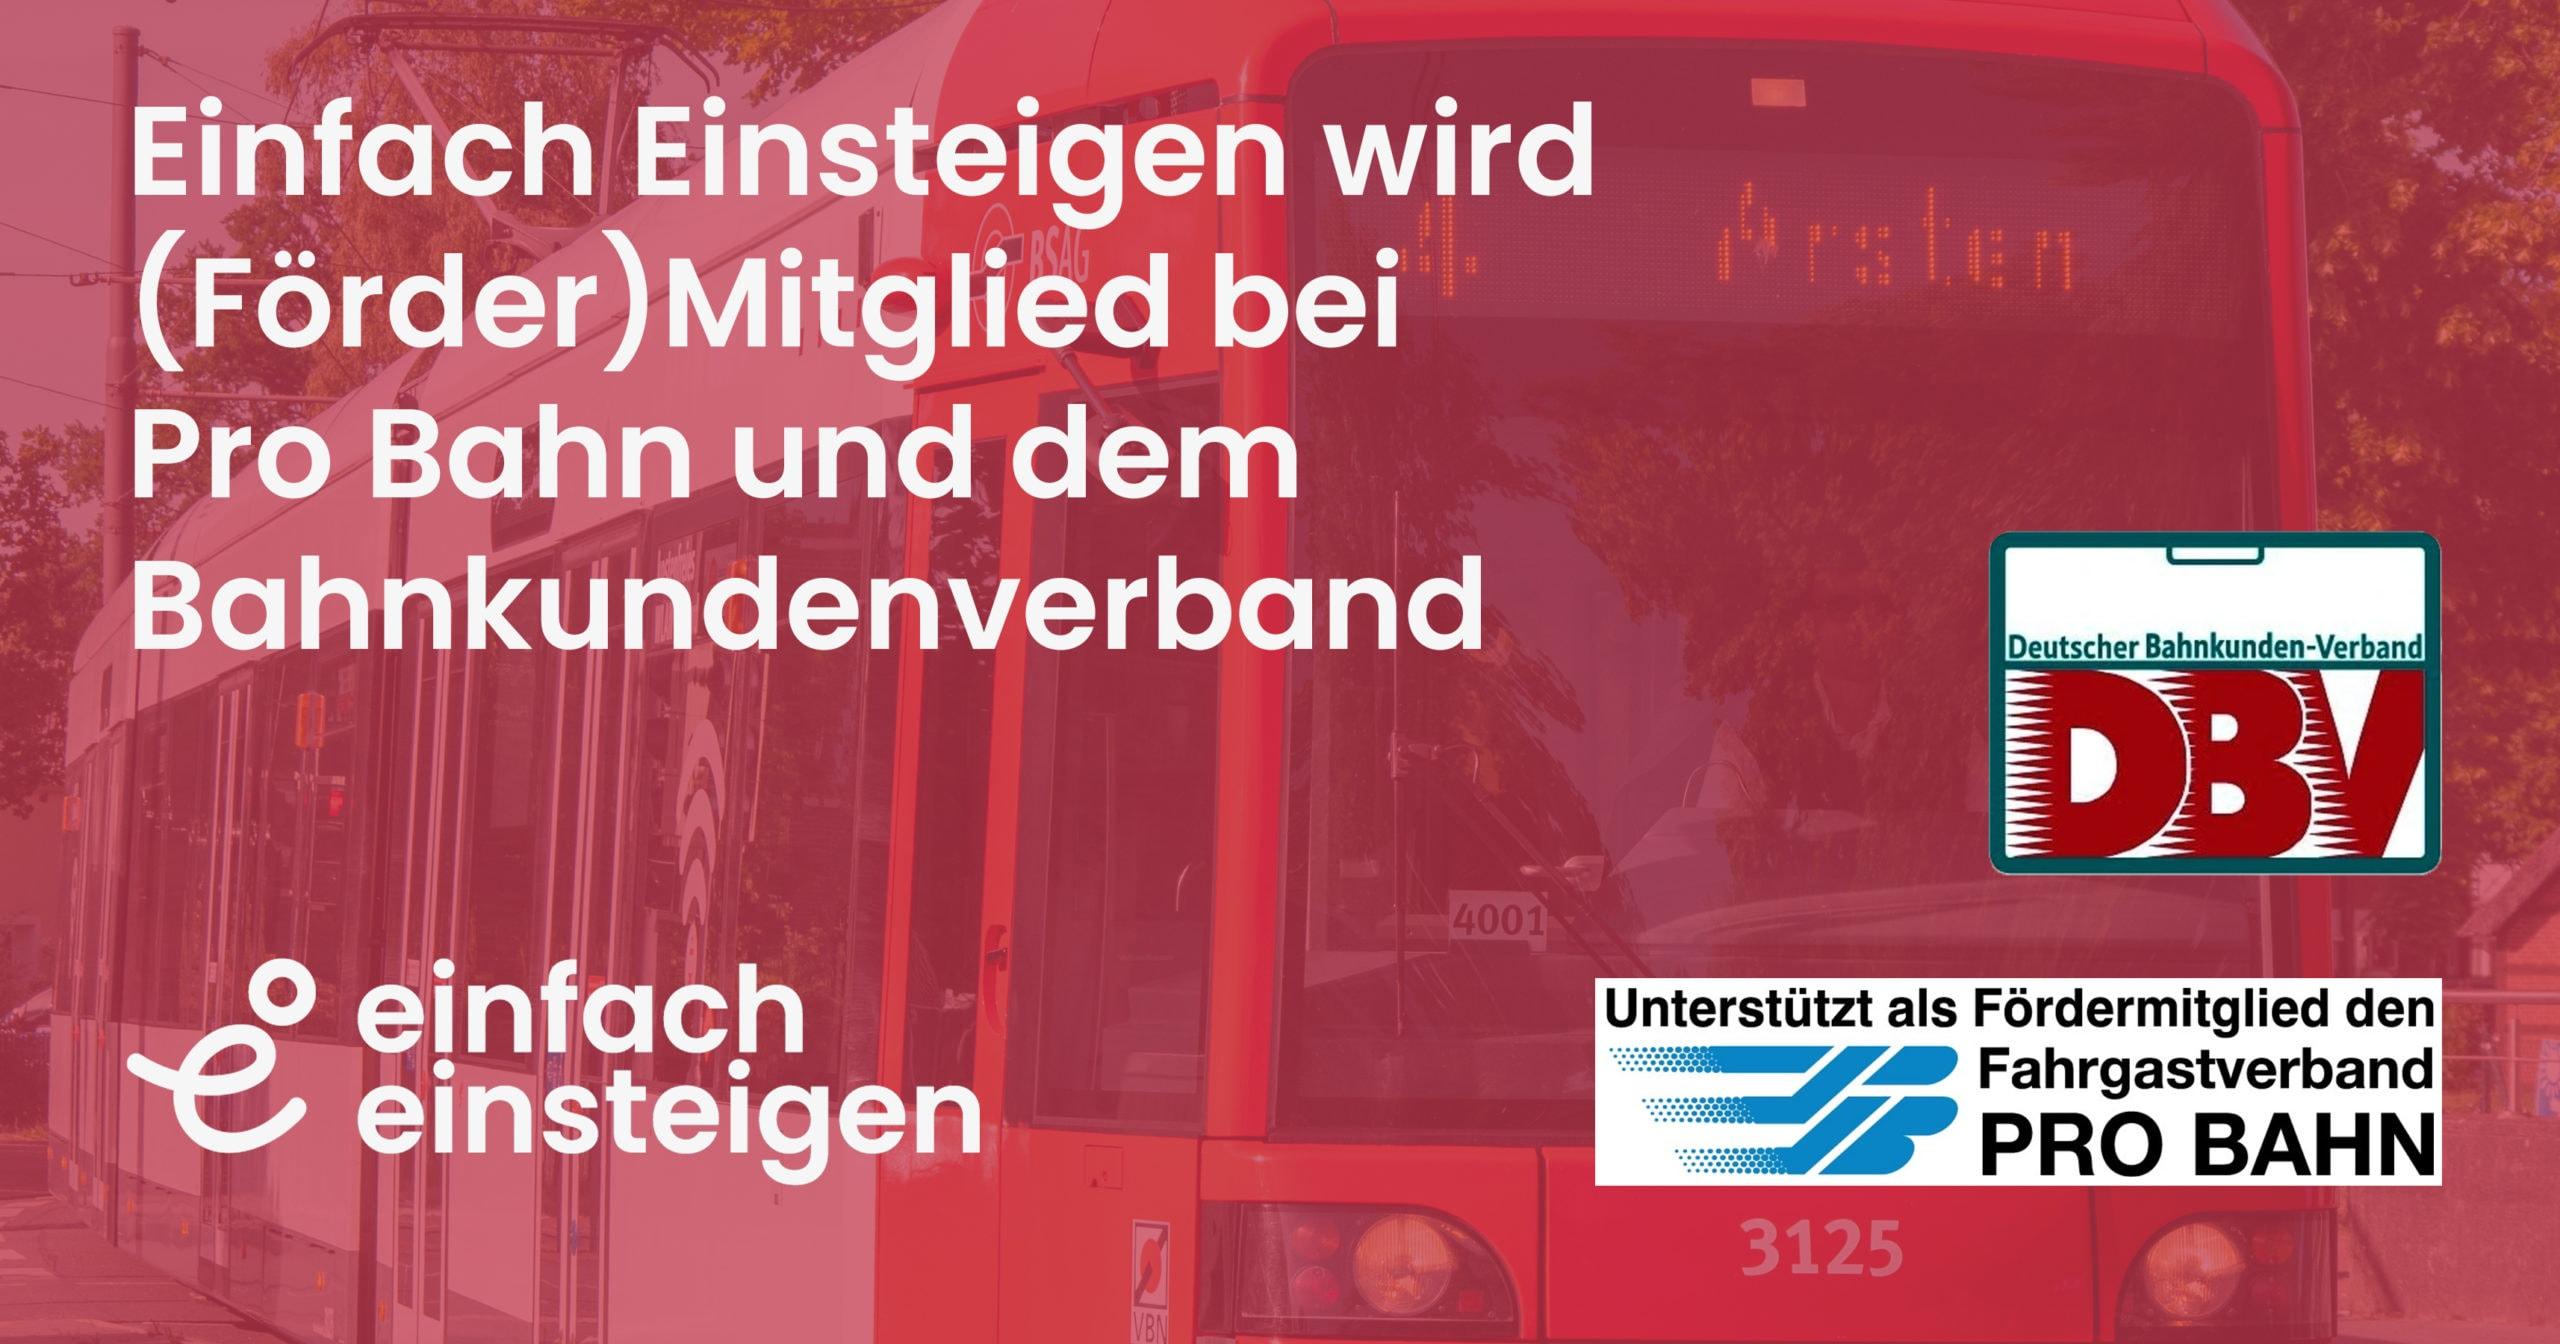 Einfach Einsteigen wird (Förder-)Mitglied bei Pro Bahn und dem Bahnkundenverband 3